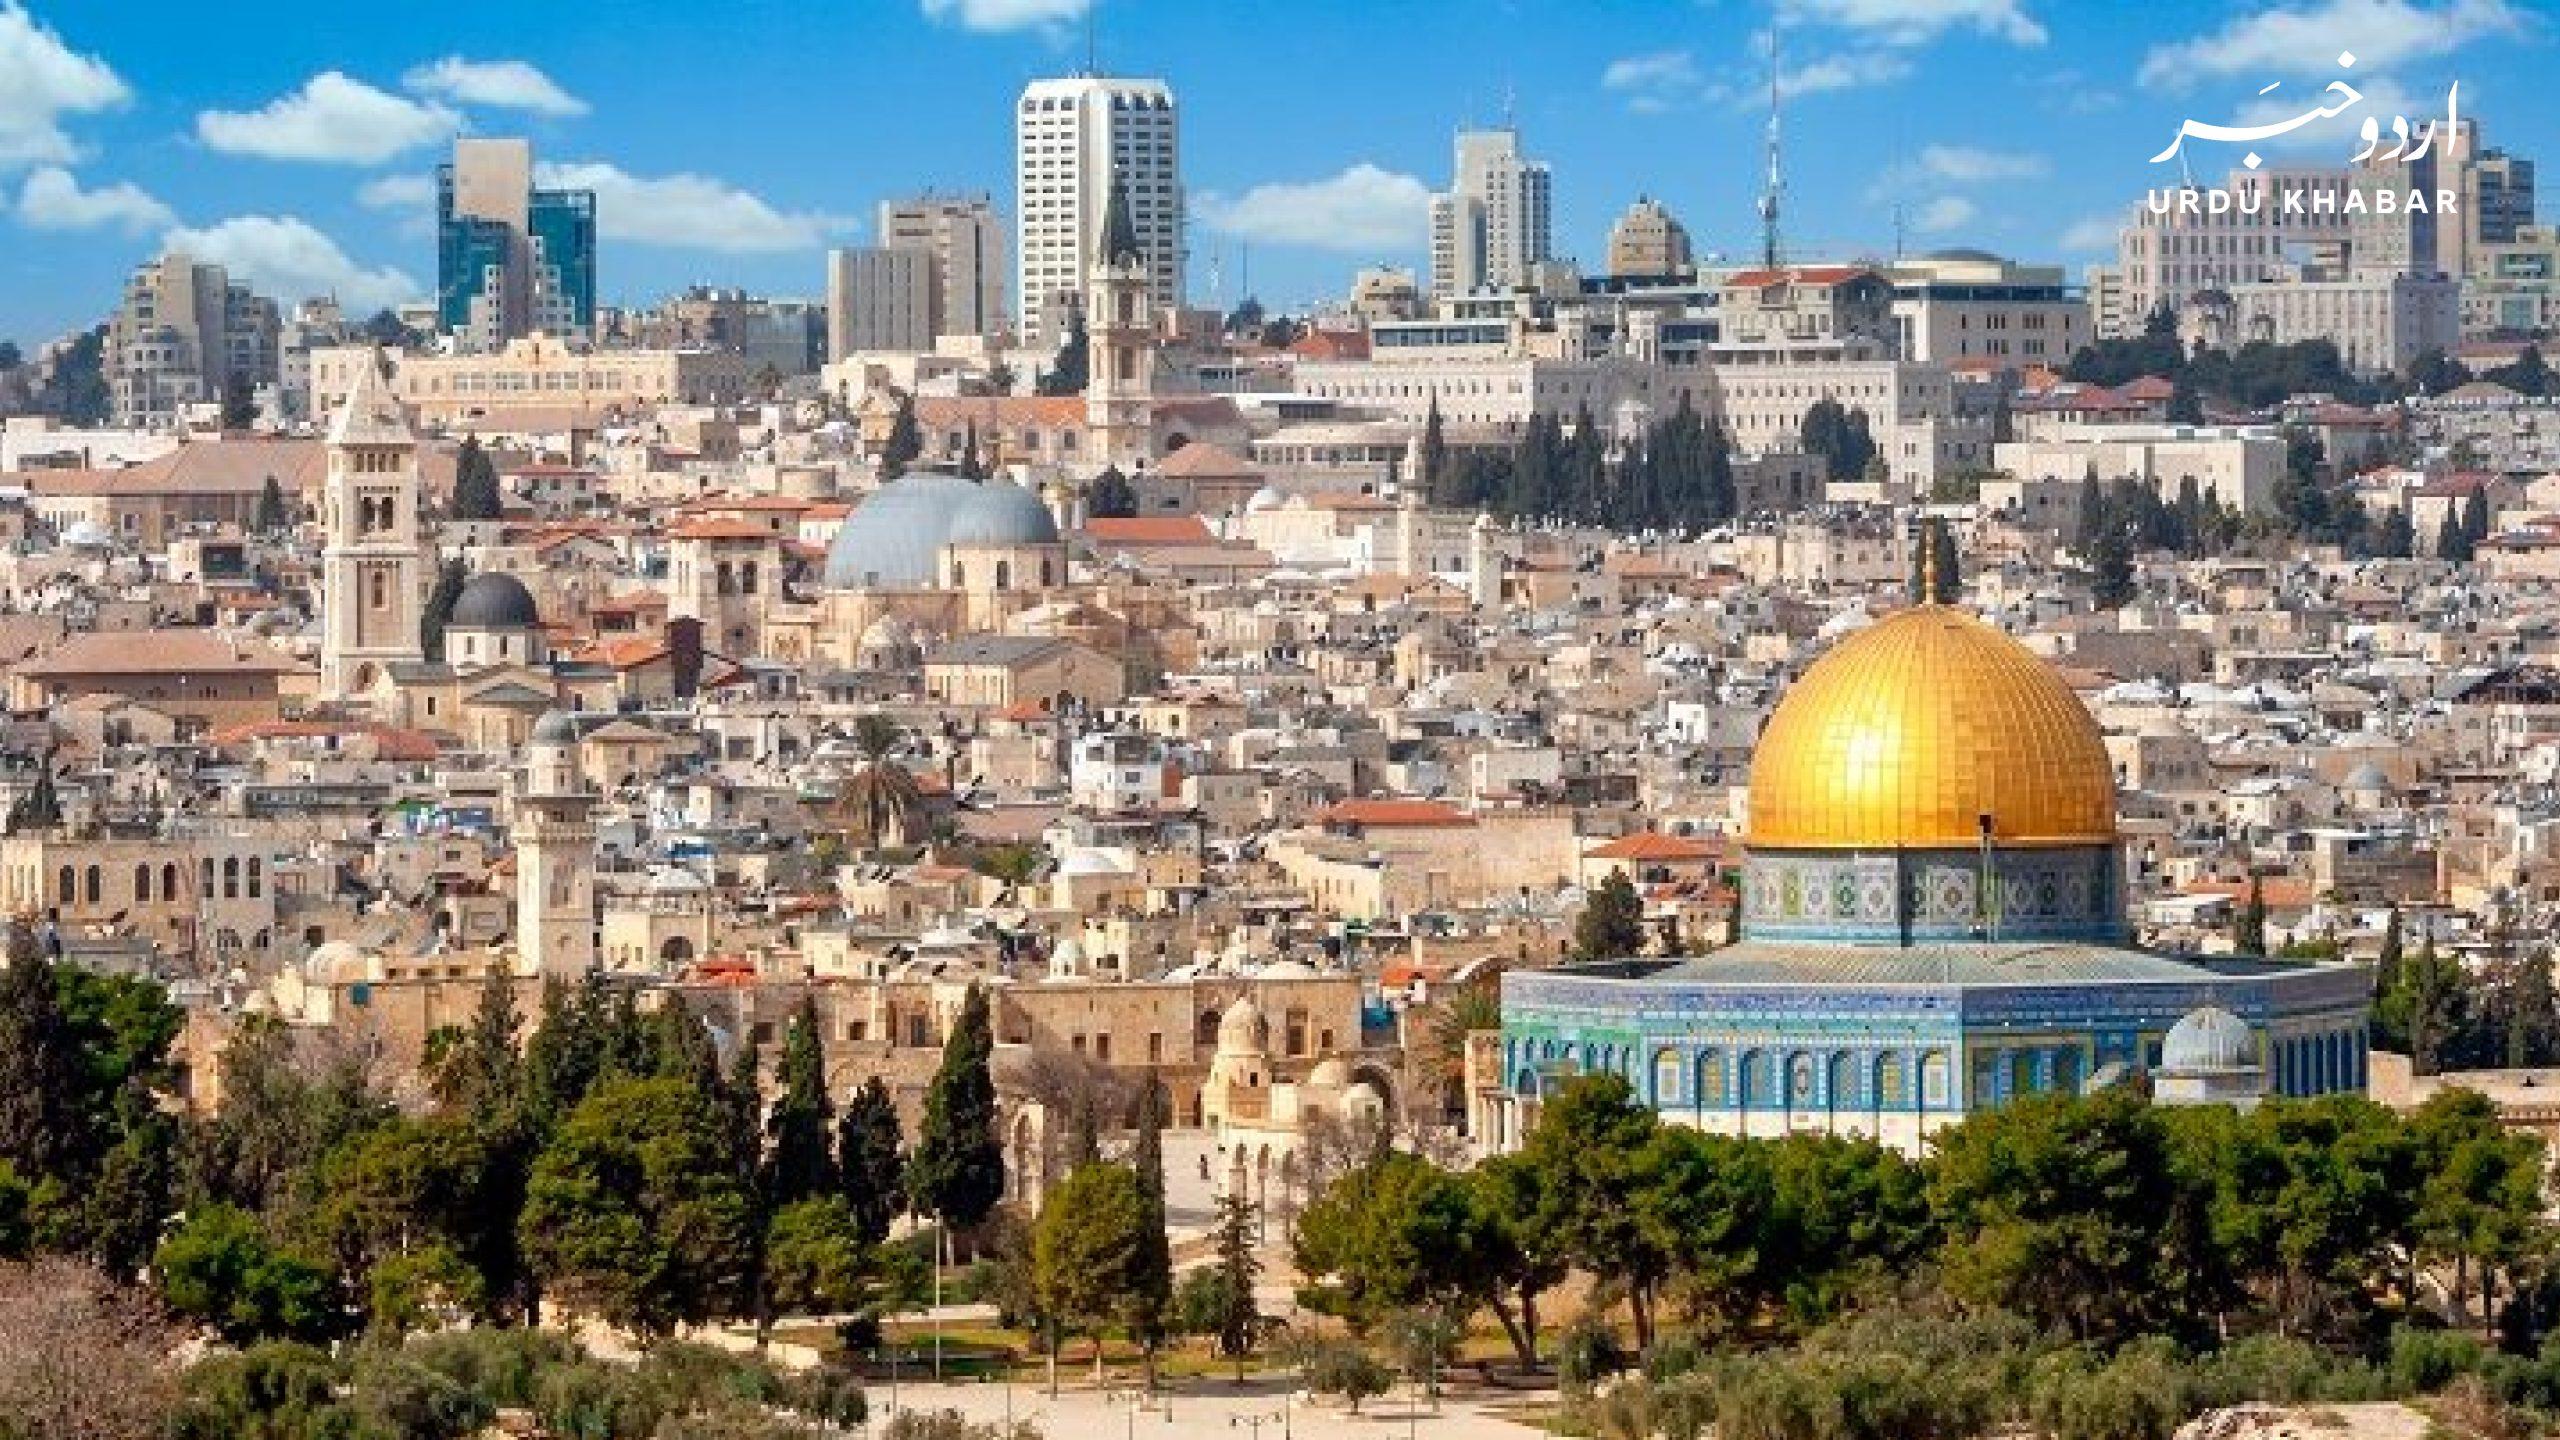 دفتر خارجہ نے اسرائیل کو تسلیم کرنے کی قیاس آرائیوں کو مسترد کر دیا